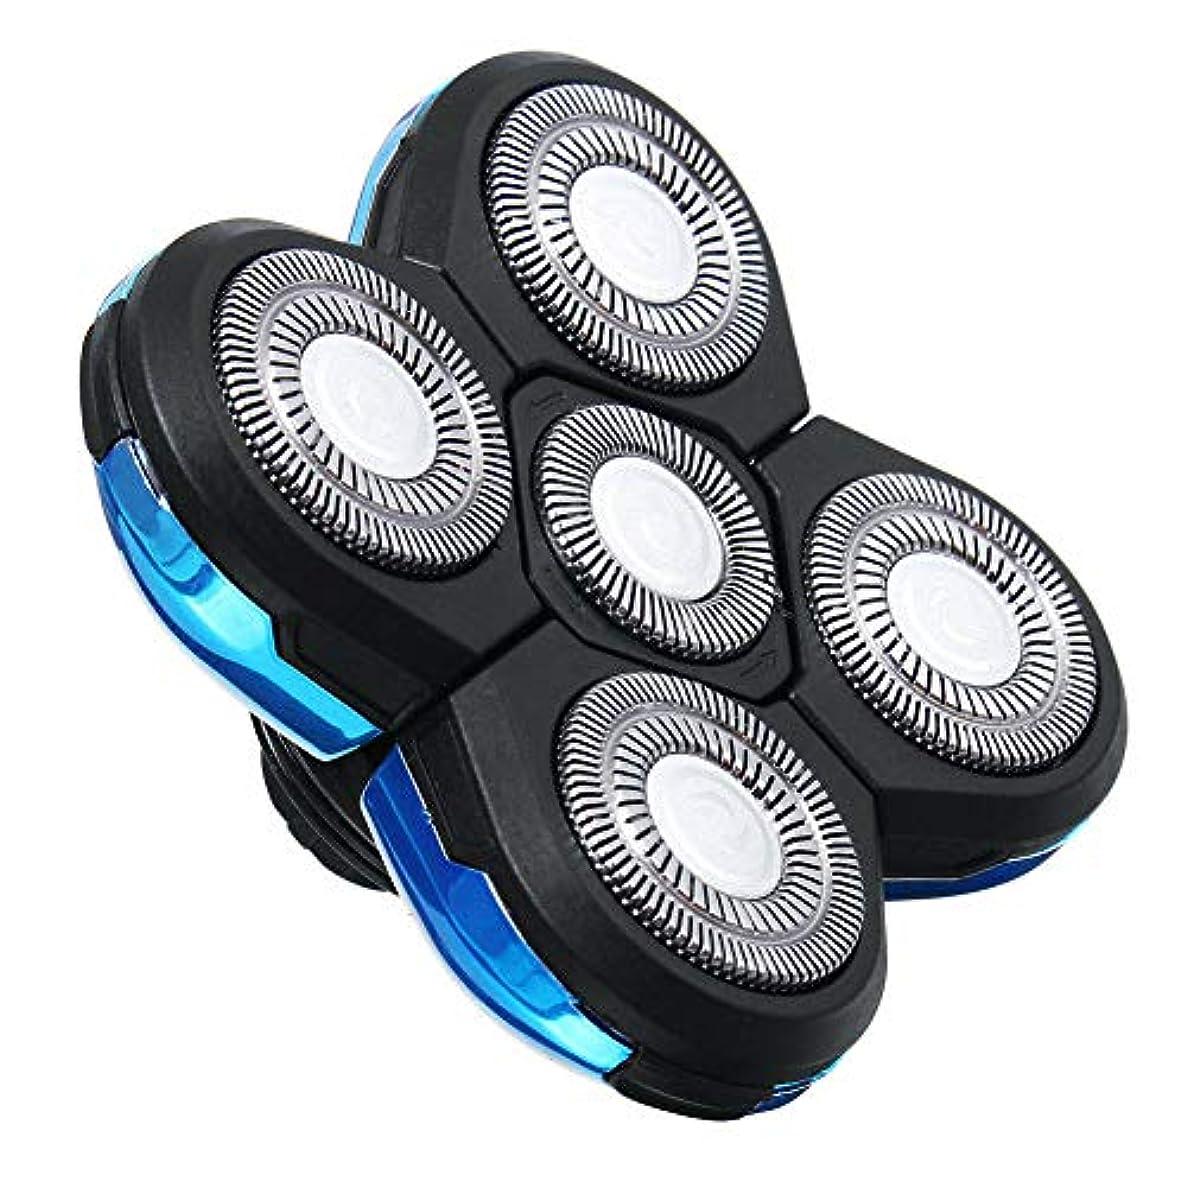 絶縁する不承認危険シェーバー5 s電気かみそり高速ひげカッター交換耐久性のあるヘアトリマーダブルリング簡単インストールフローティング実用シェービングブレードユニバーサル(ブルー)